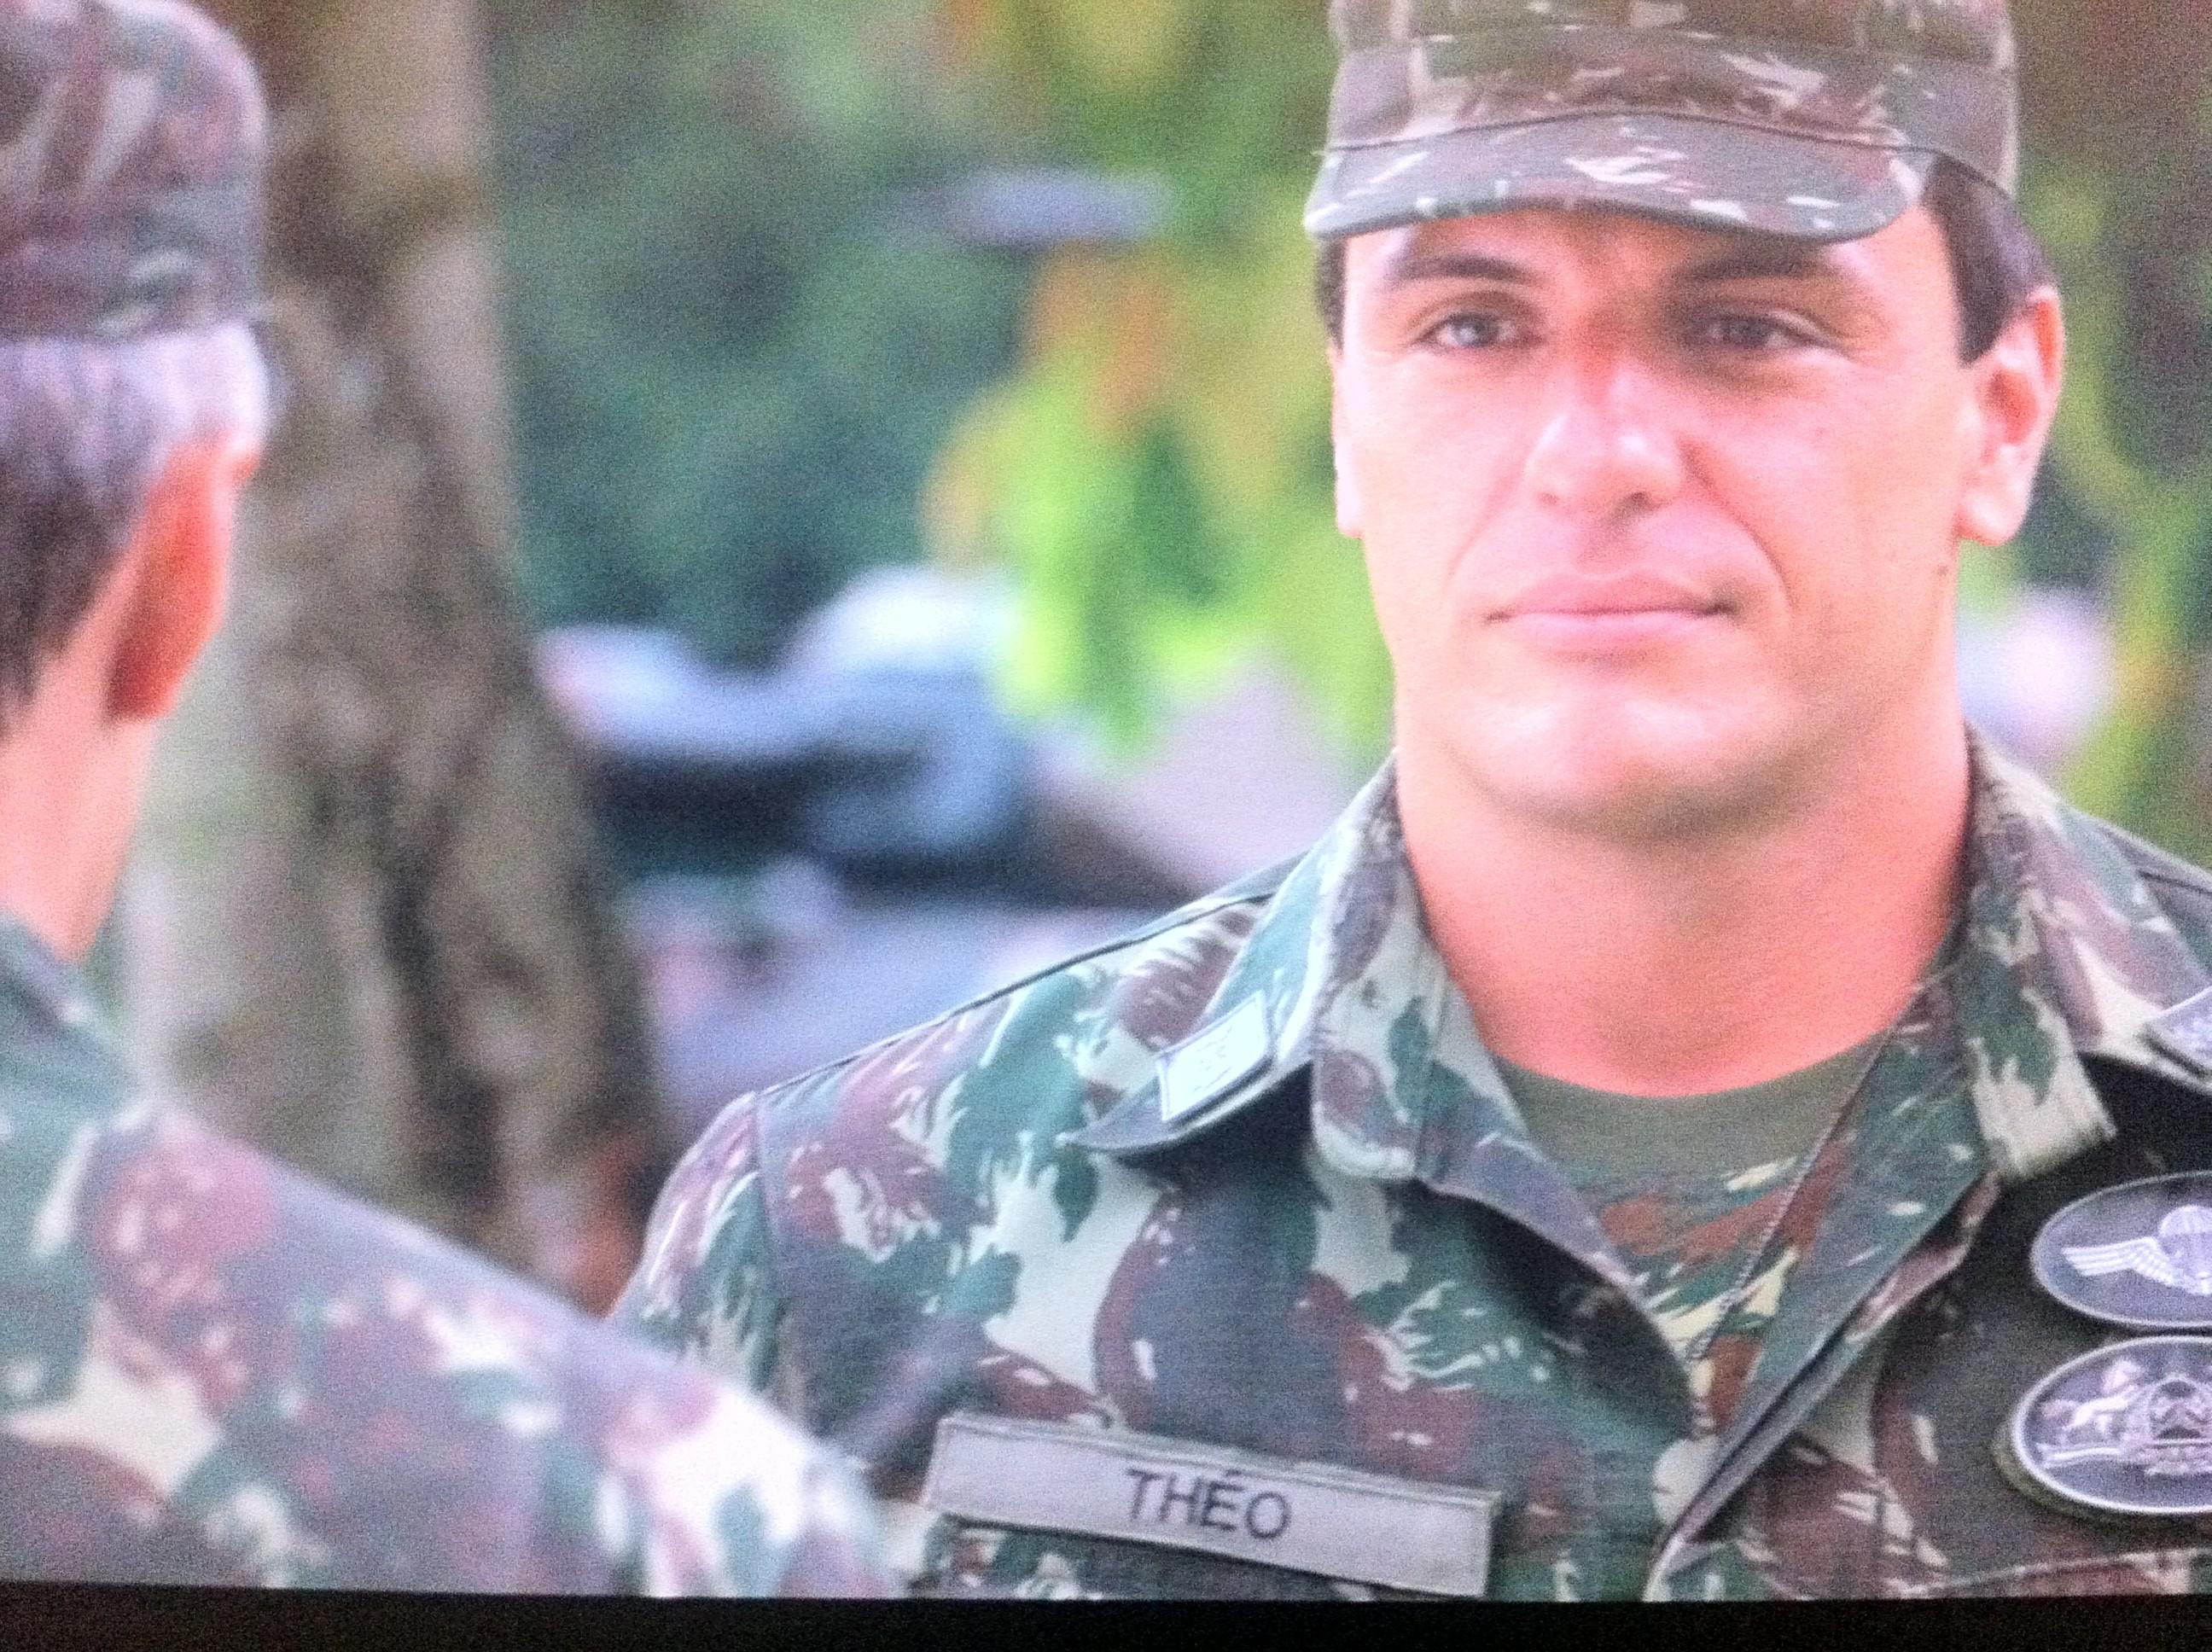 Théo será investigado após suposto envolvimento ilícito (Foto: Salve Jorge/TV Globo)